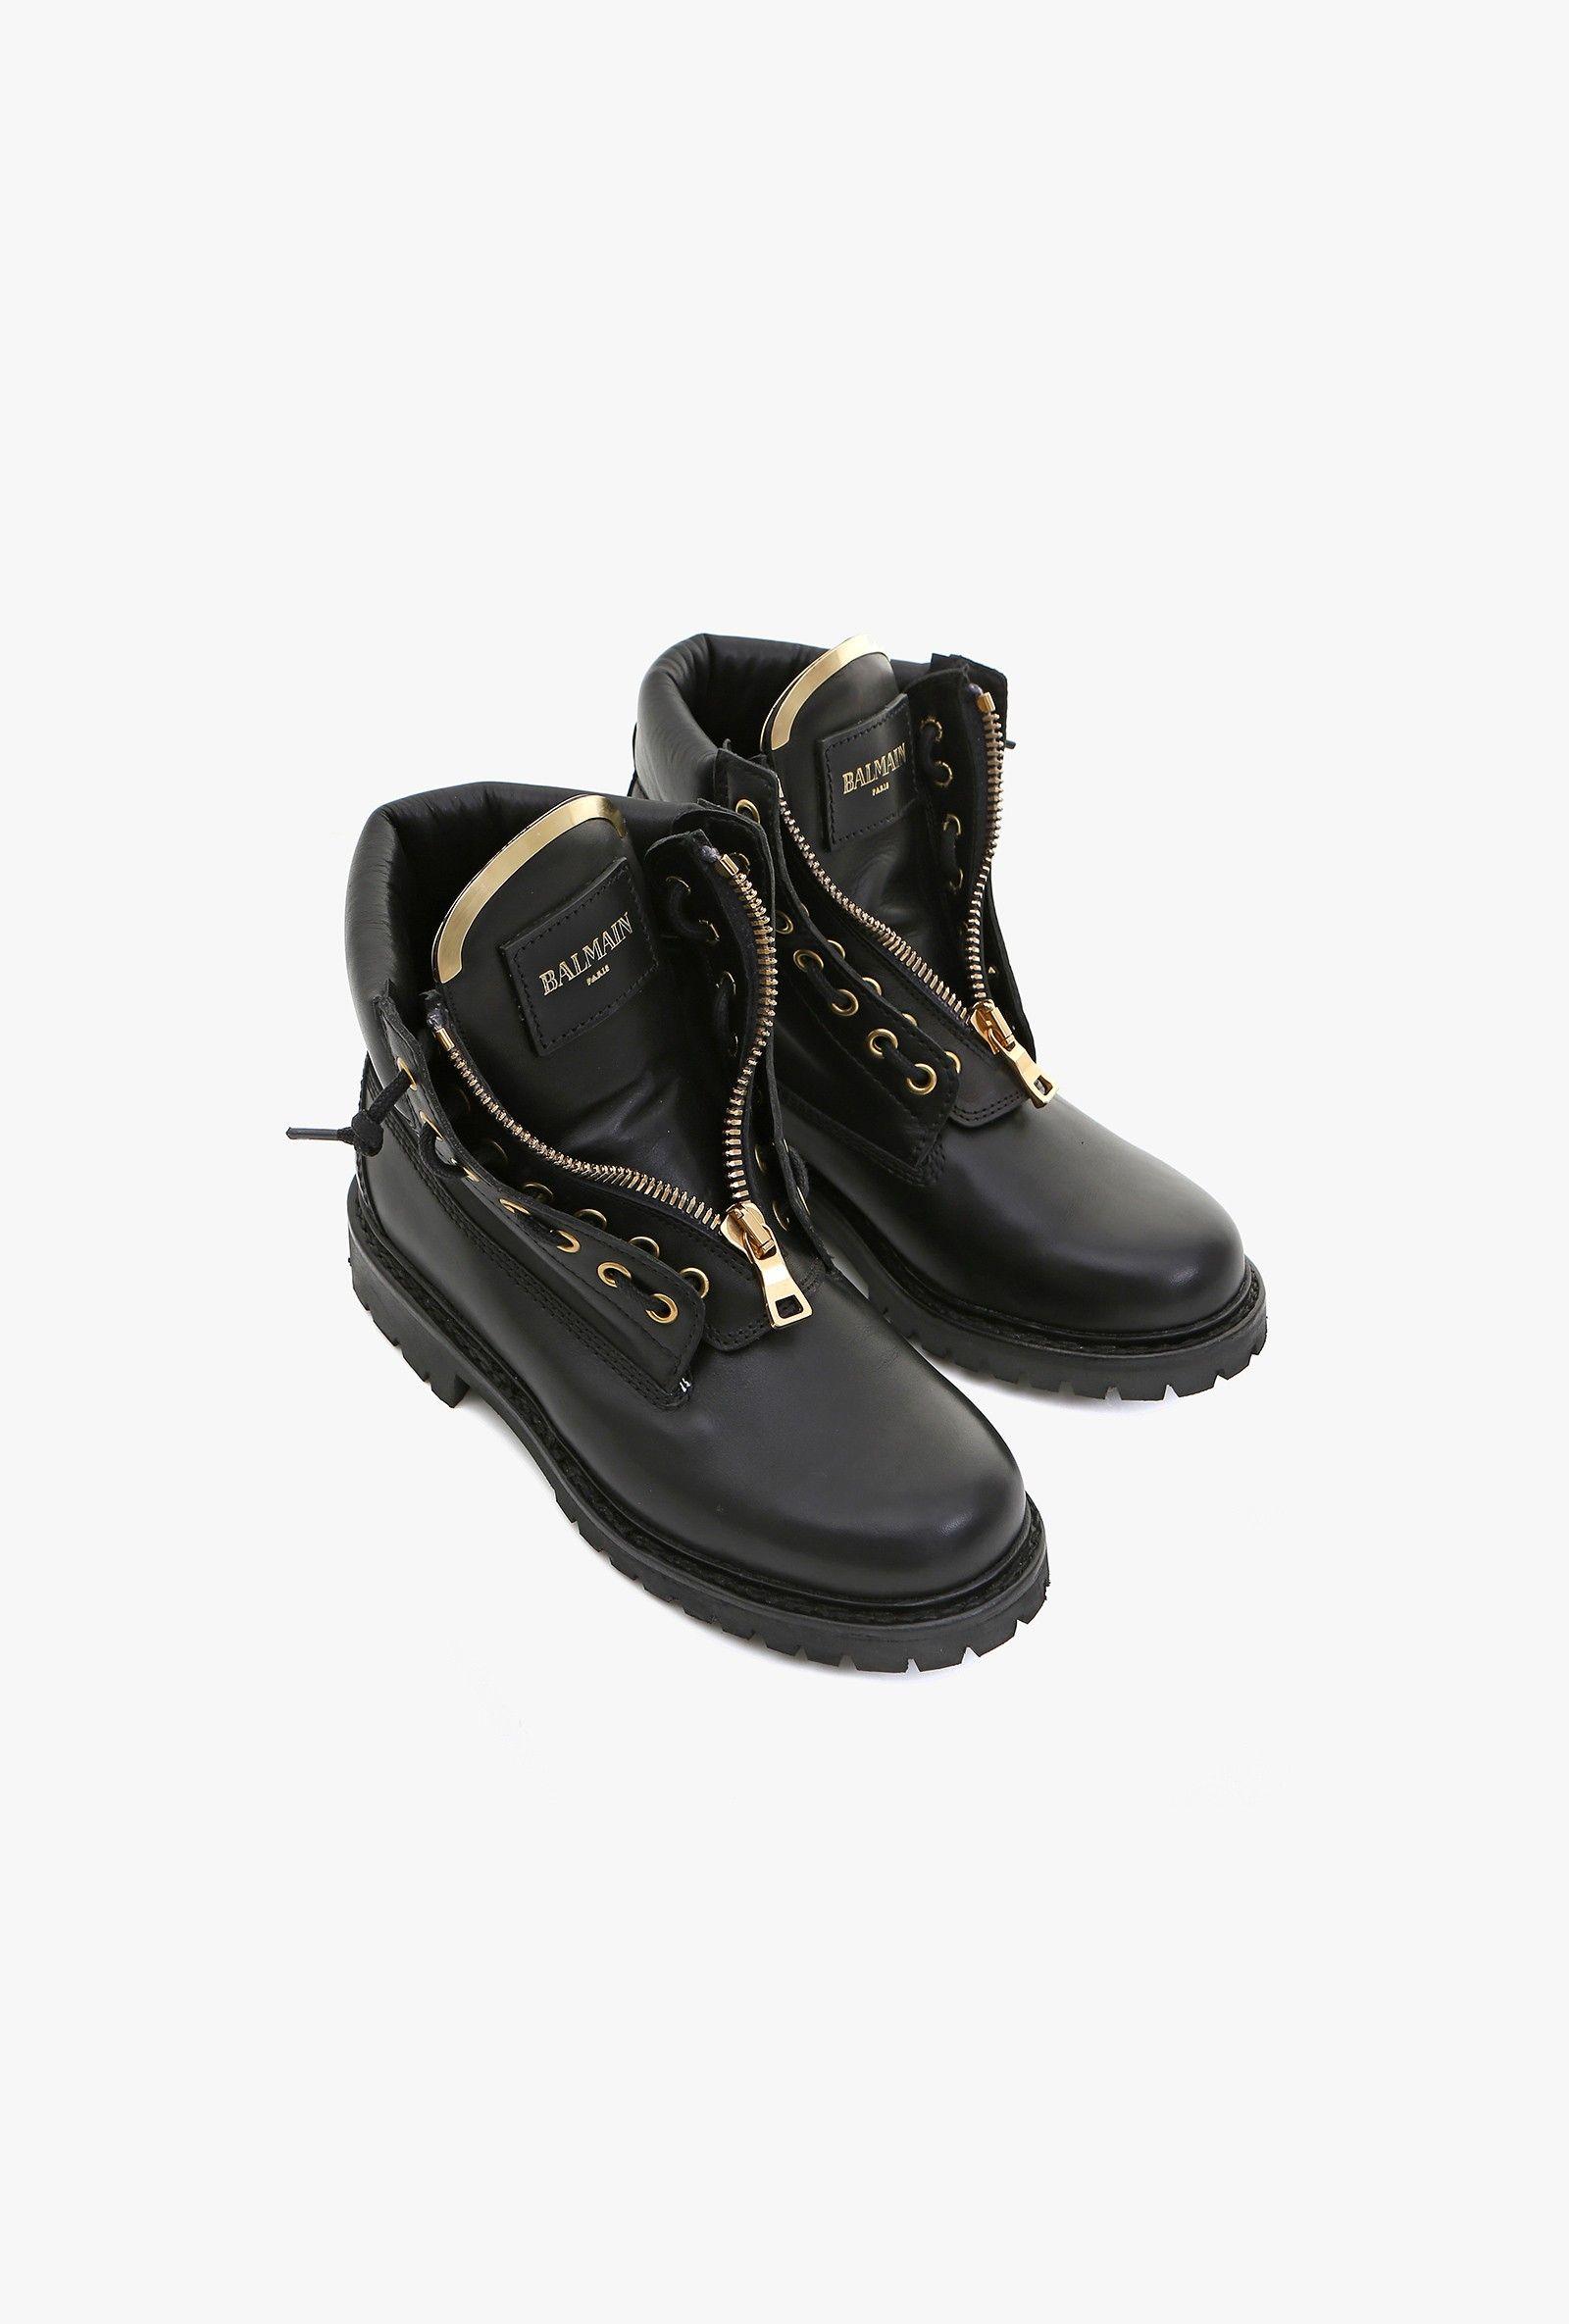 Adidas Neo Women's Casual Hiver Bottines Noir neige Chaussures New UK 5 EU 38-afficher le titre d'origine